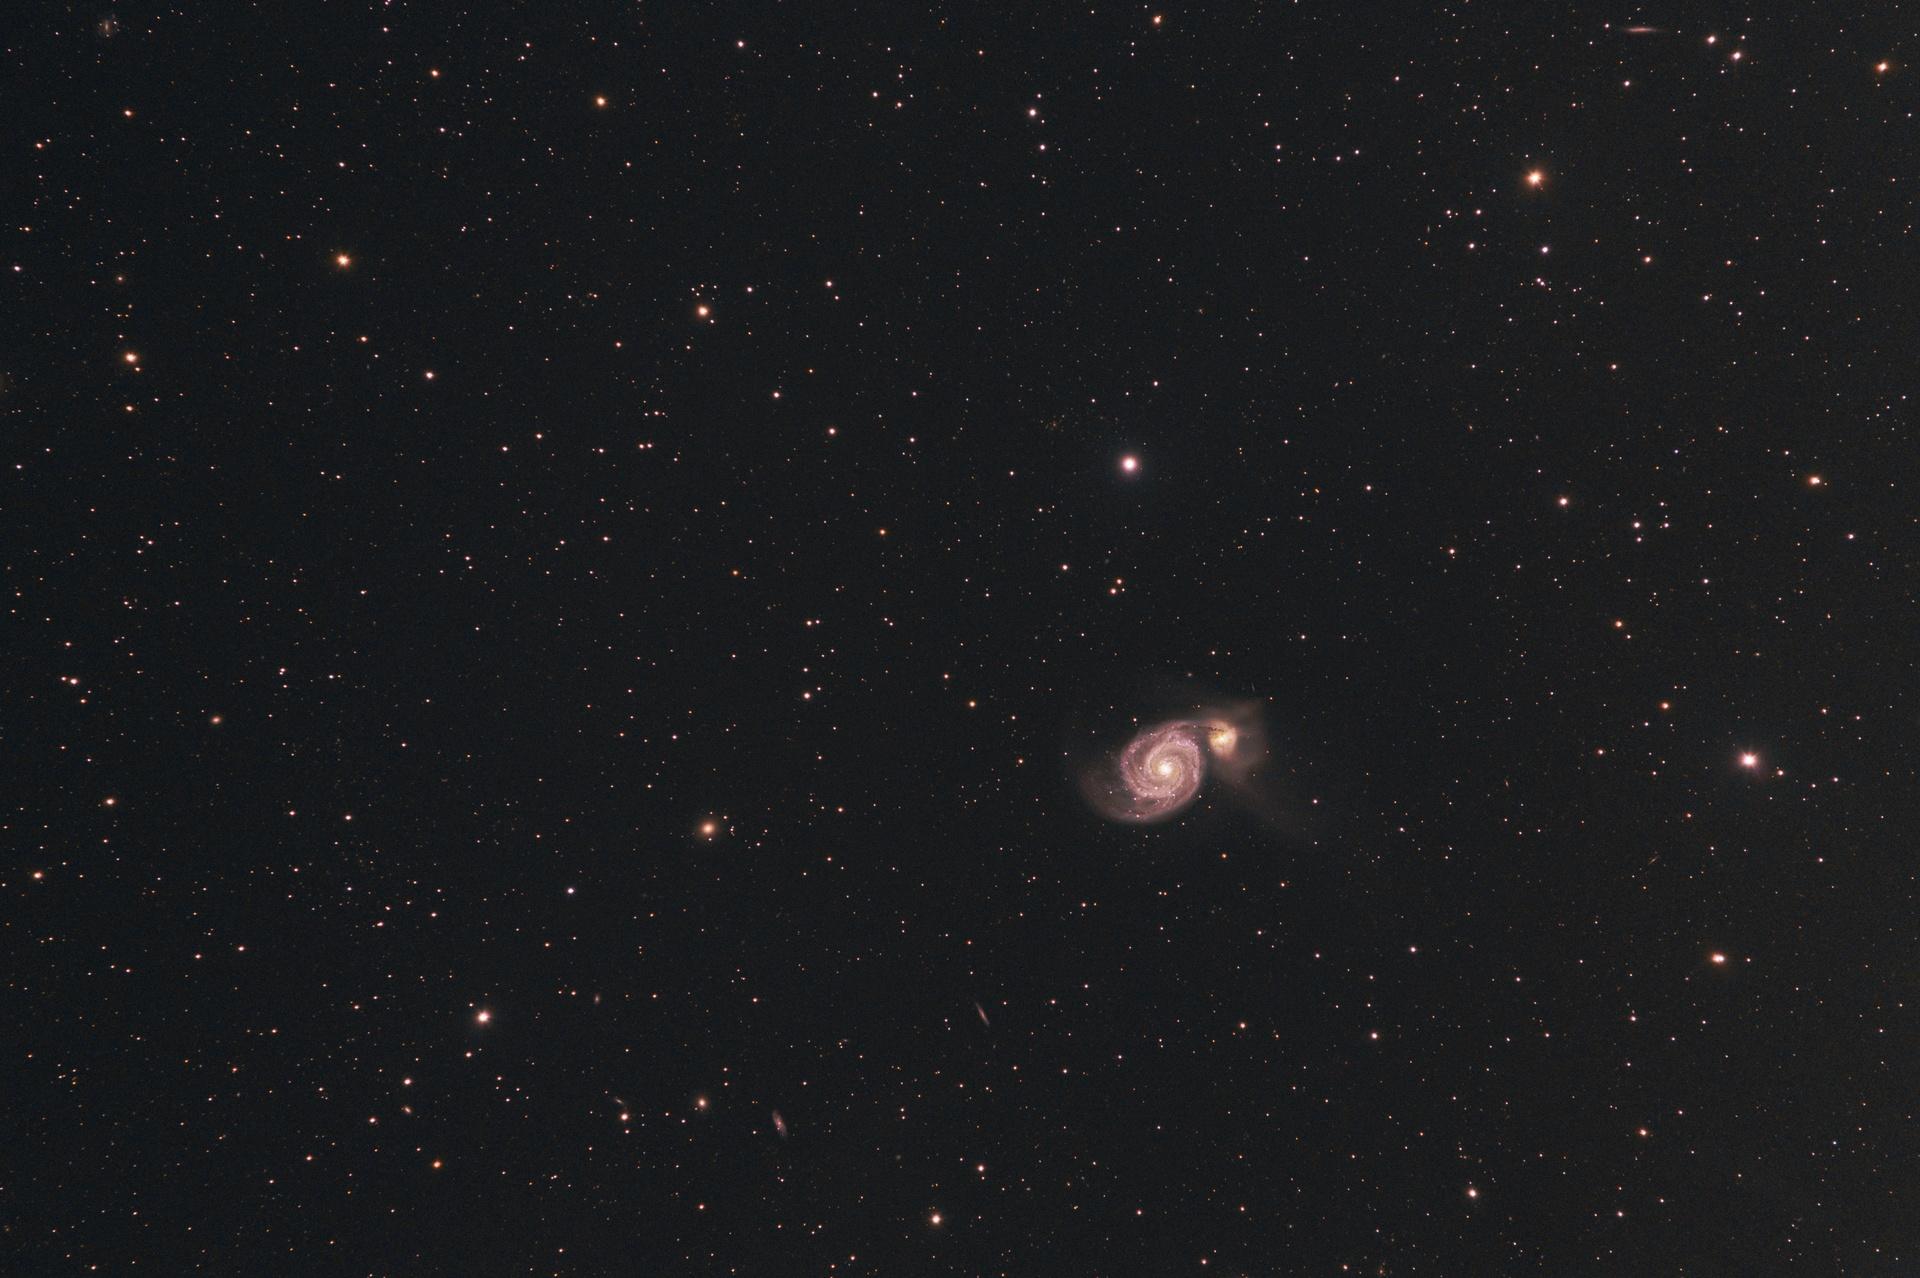 M51-FSQ106-F8-149x30s-3200iso_t.jpg